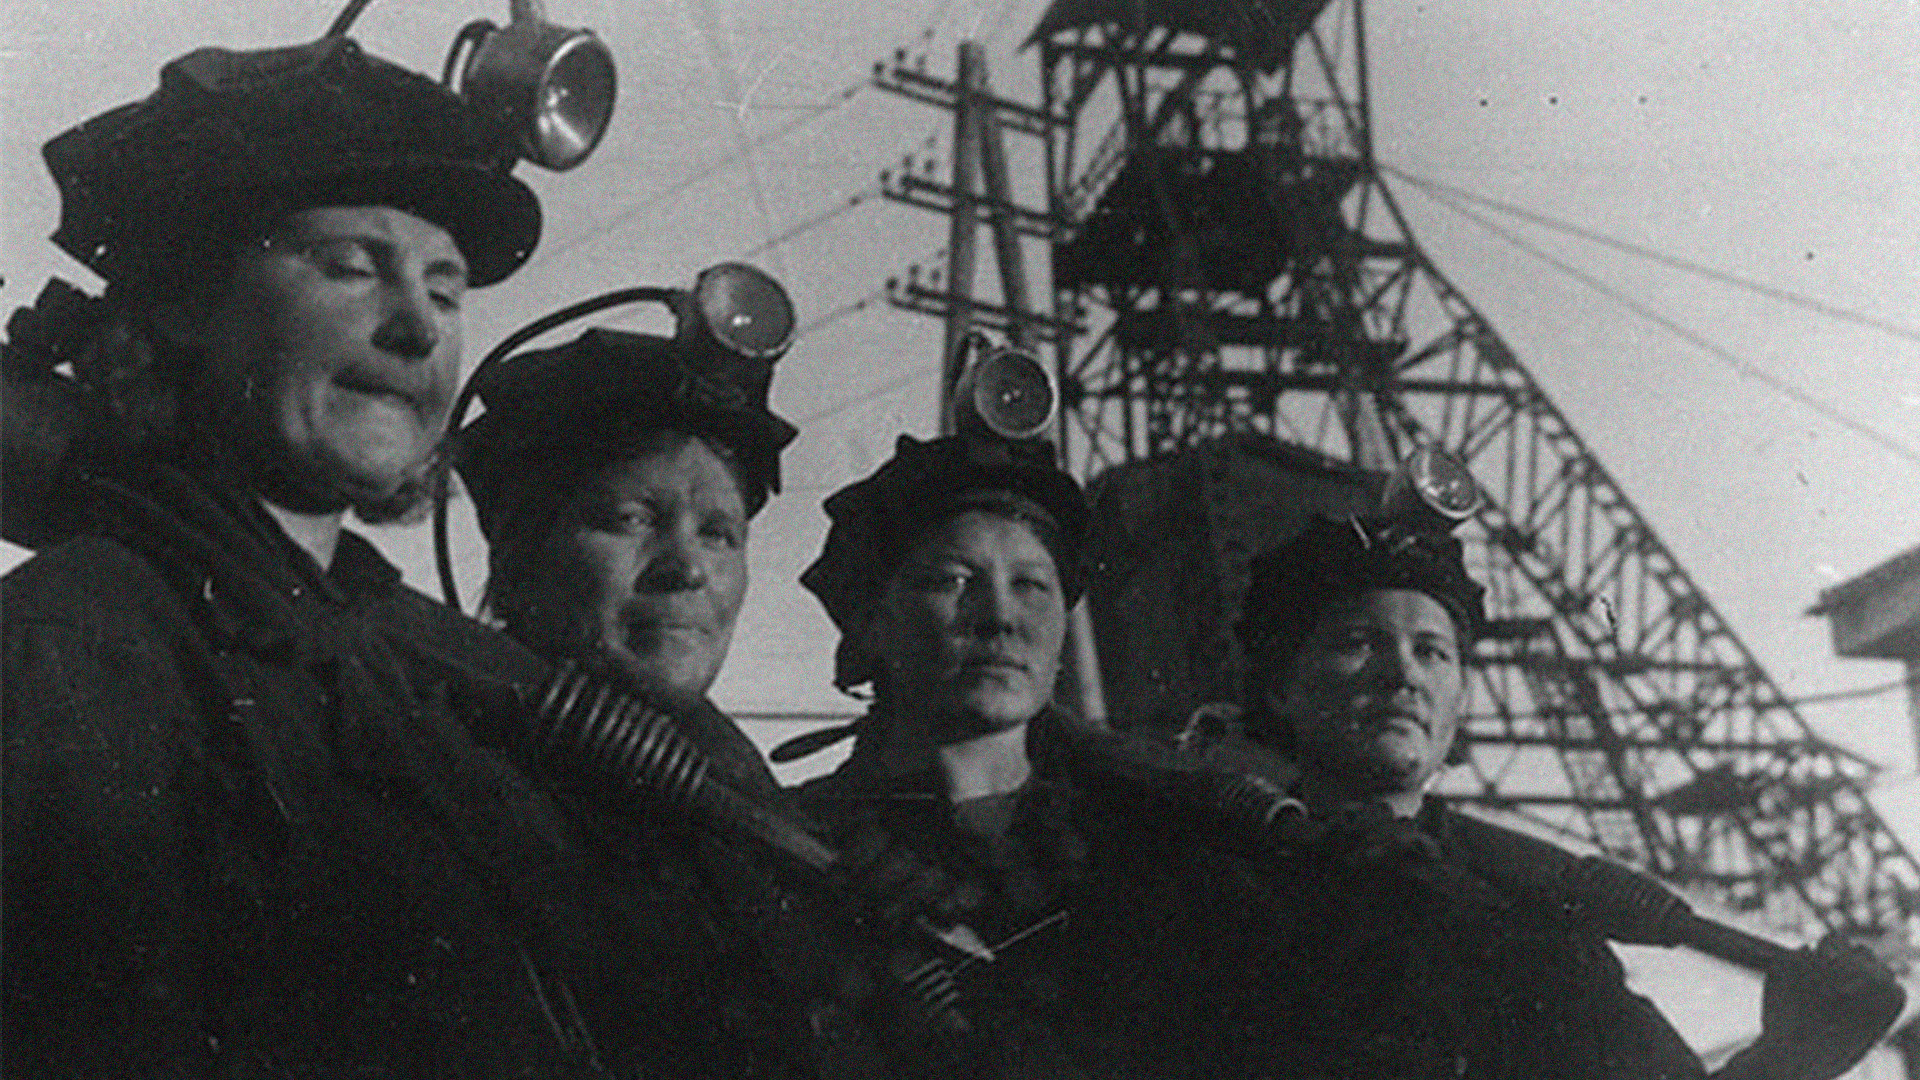 Equipo femenino de mineros de la mina Kirov, 1942